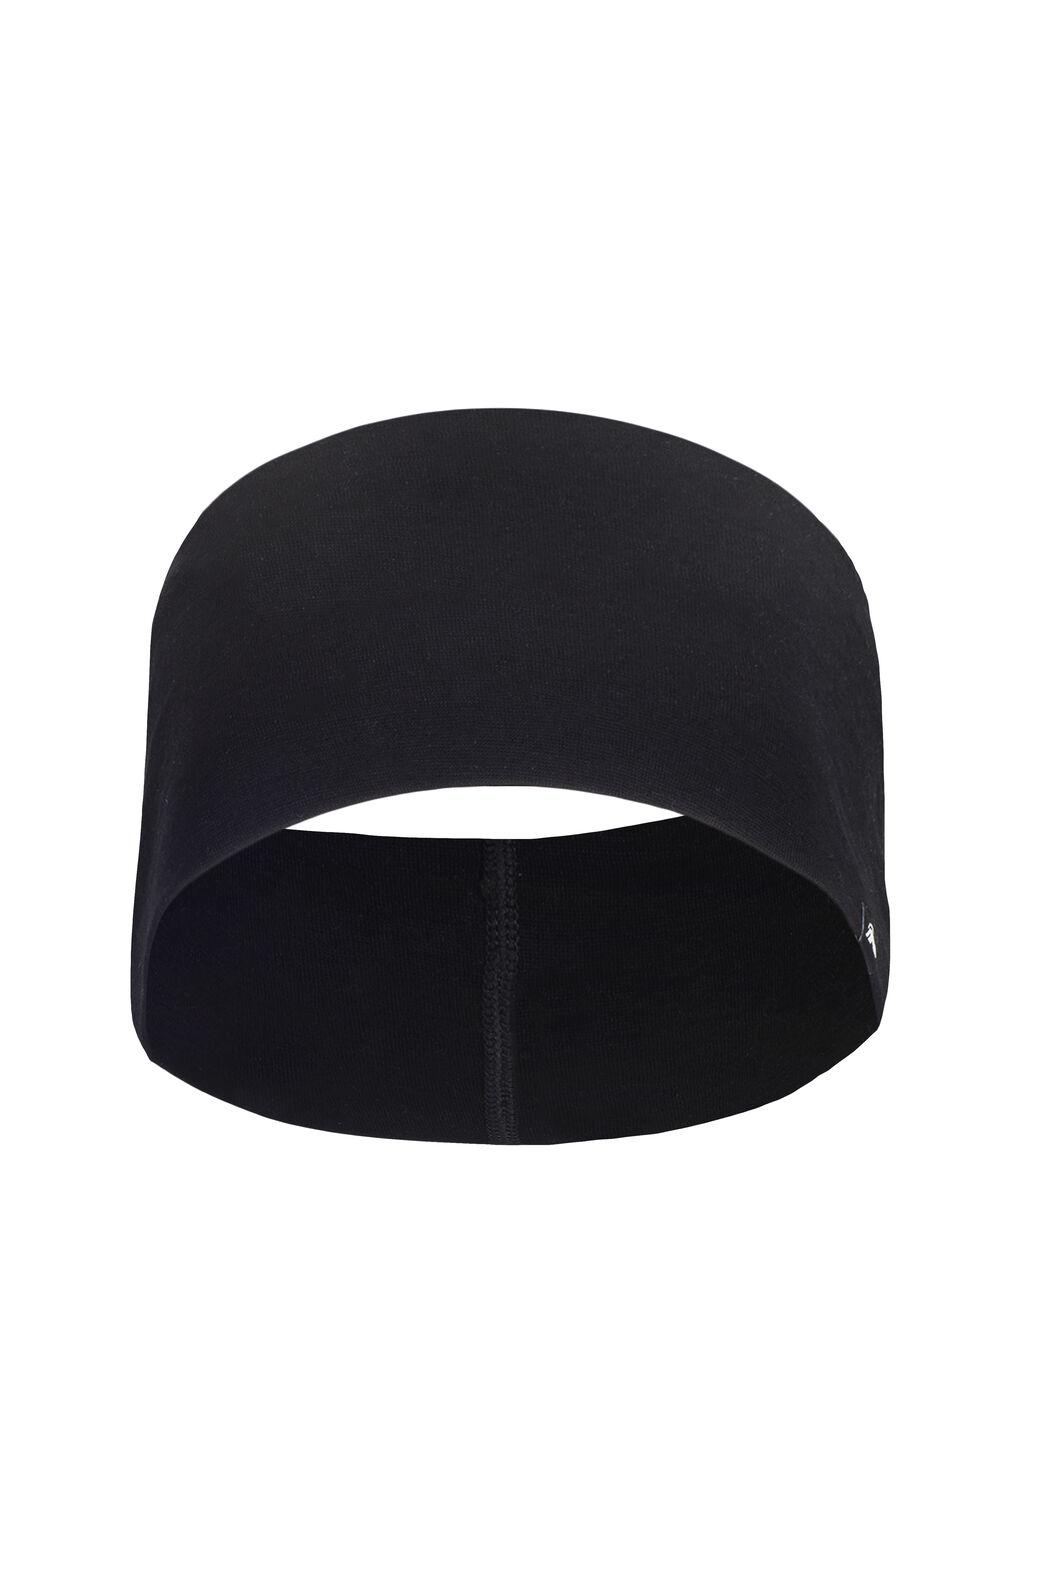 Macpac 150 Merino Headband, Black, hi-res